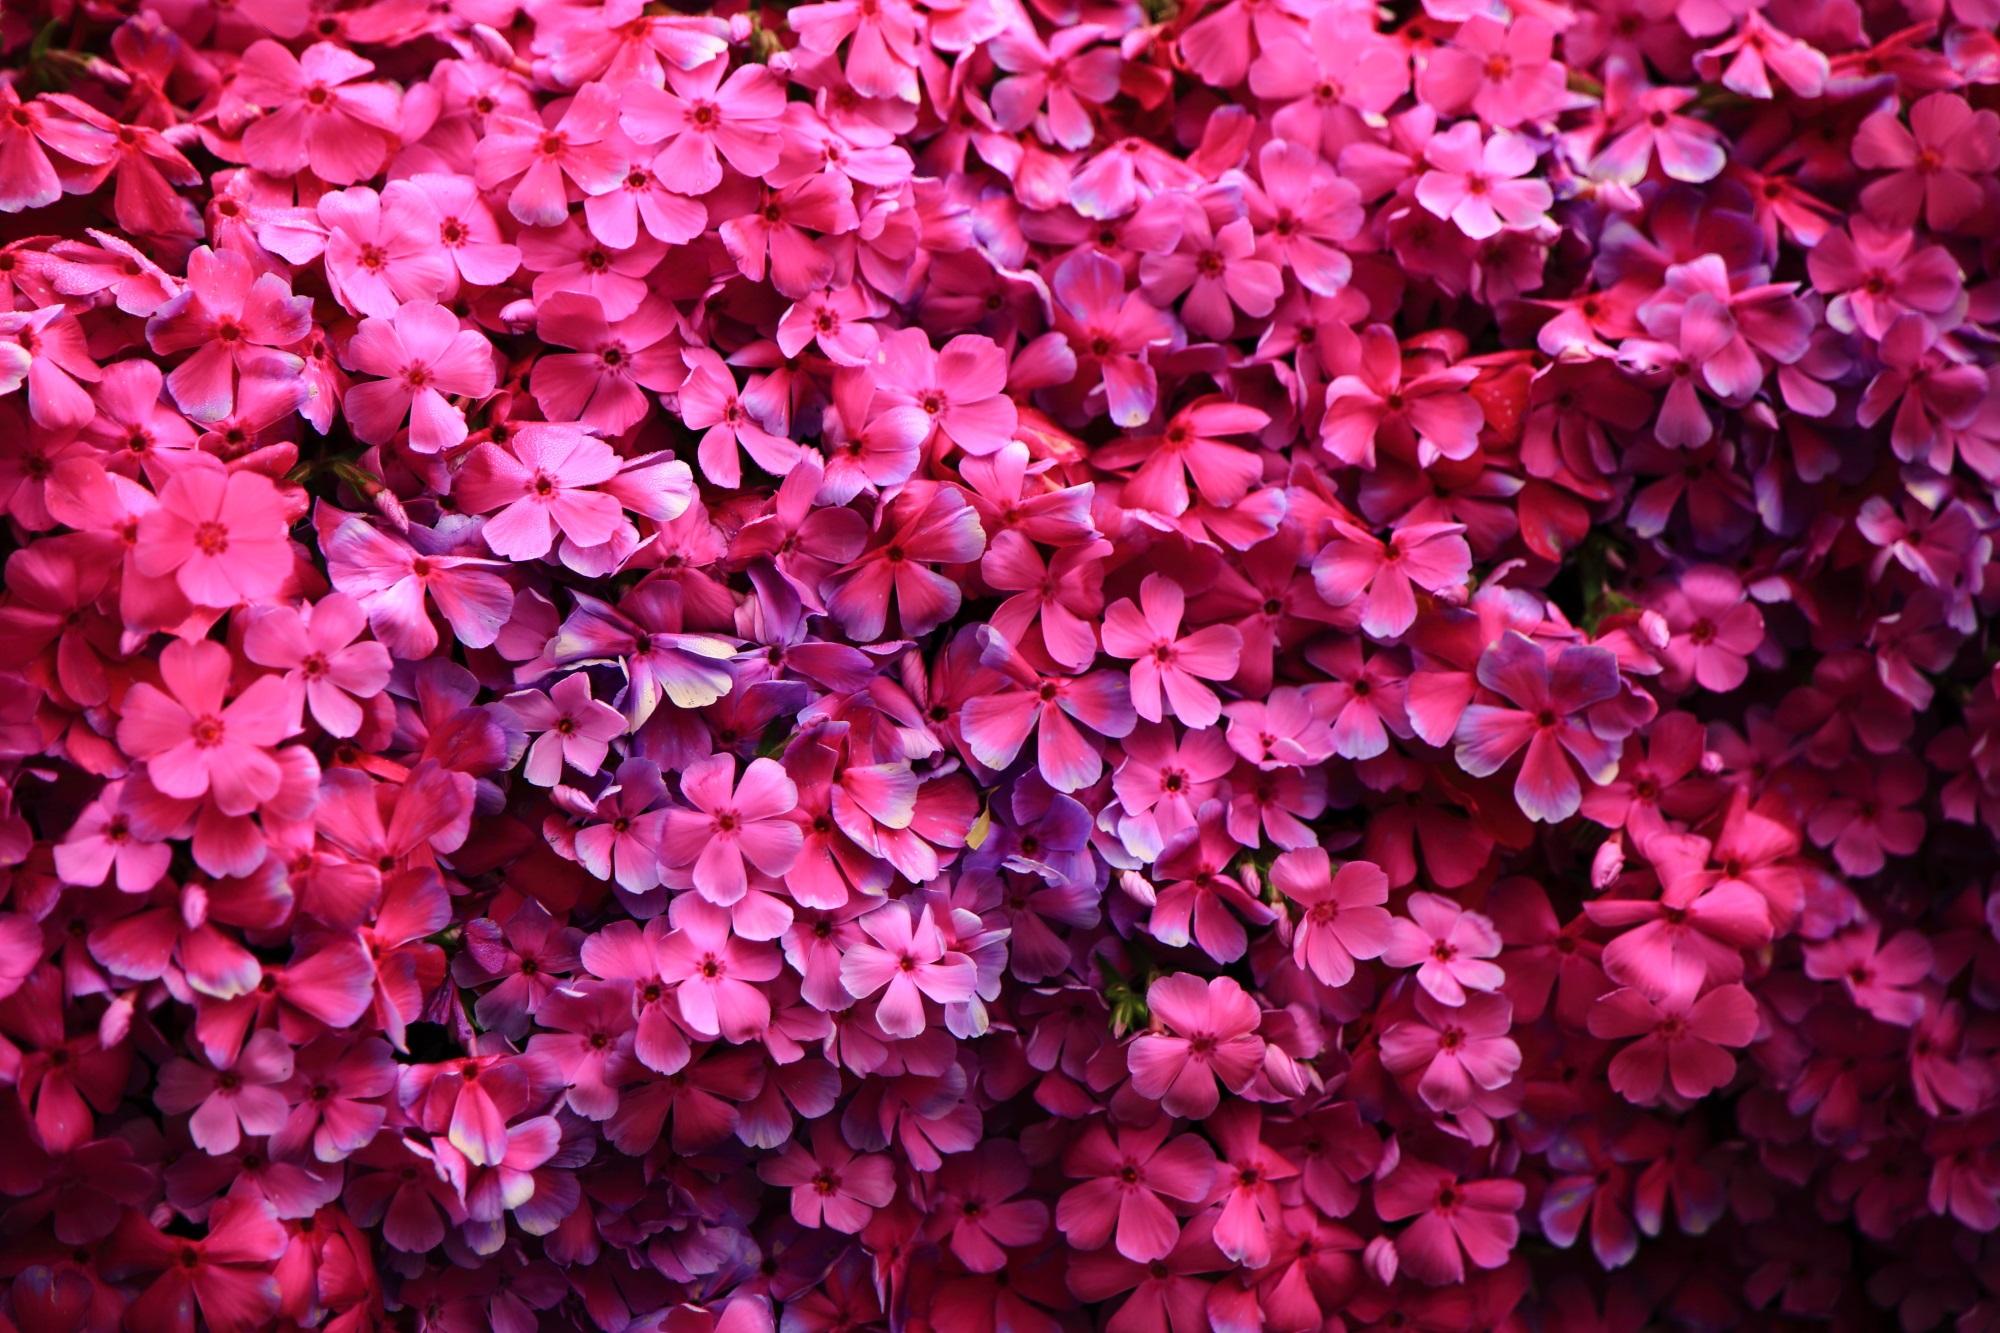 紫の方が近いかも知れない素晴らしい色合いと美しさの芝桜